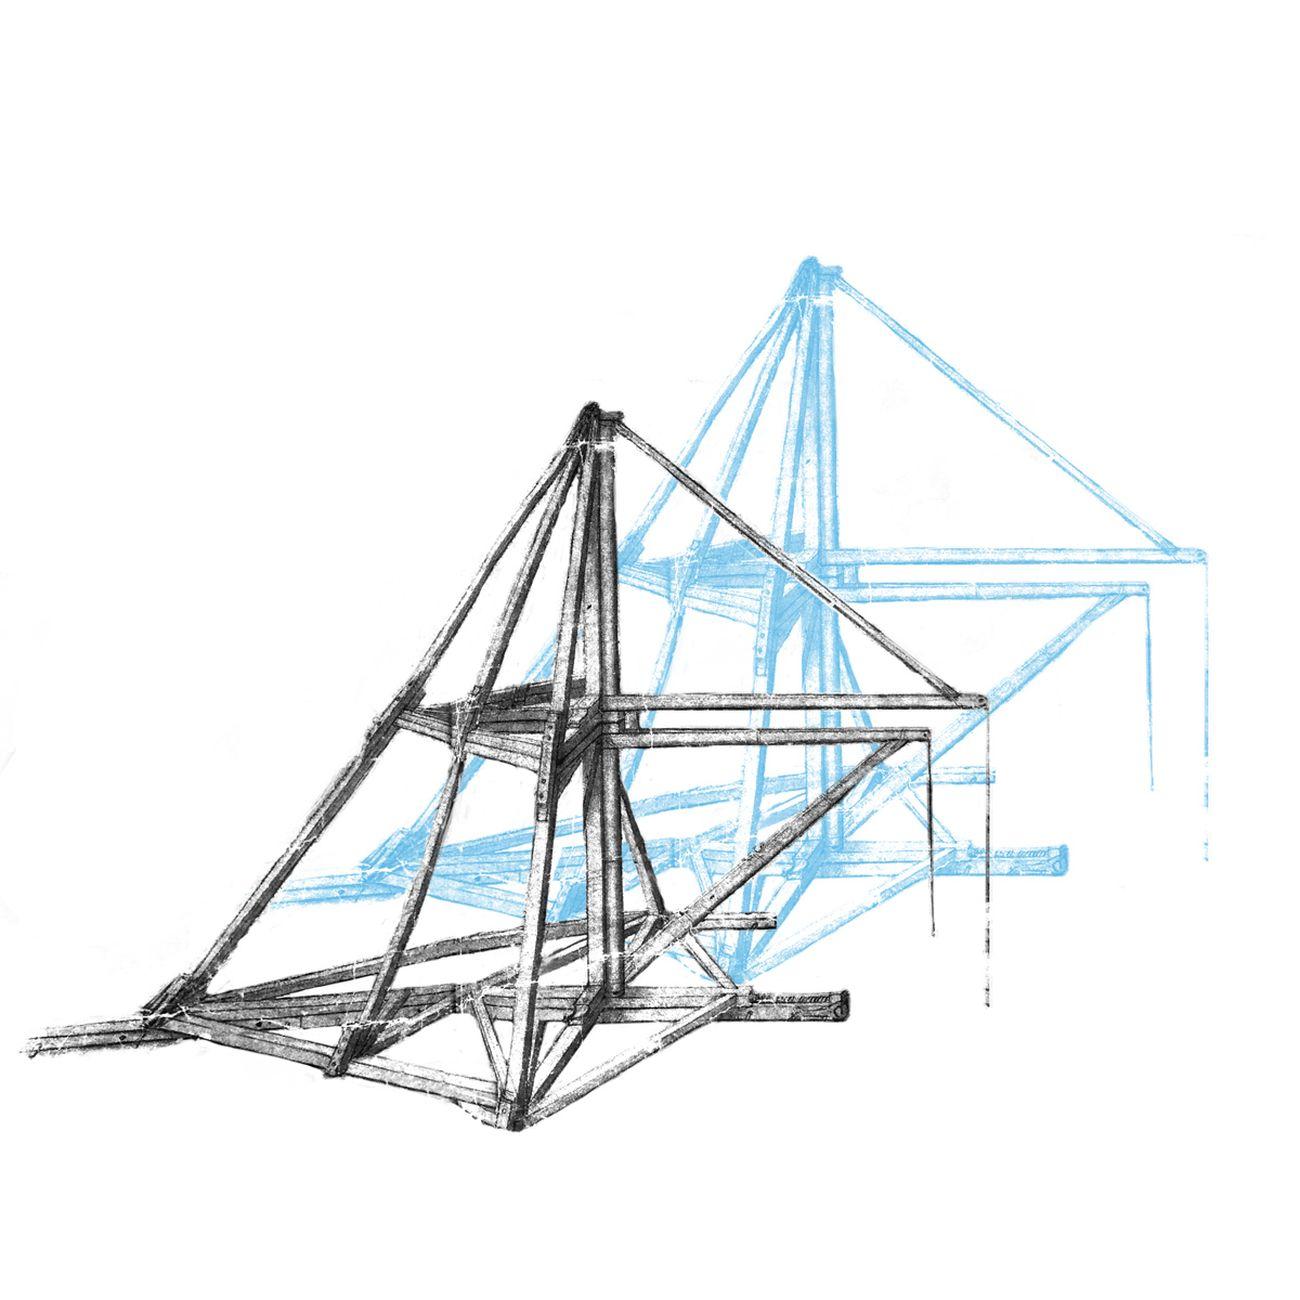 Studio Azzurro, Studio progettuale su macchina di Leonardo da Vinci